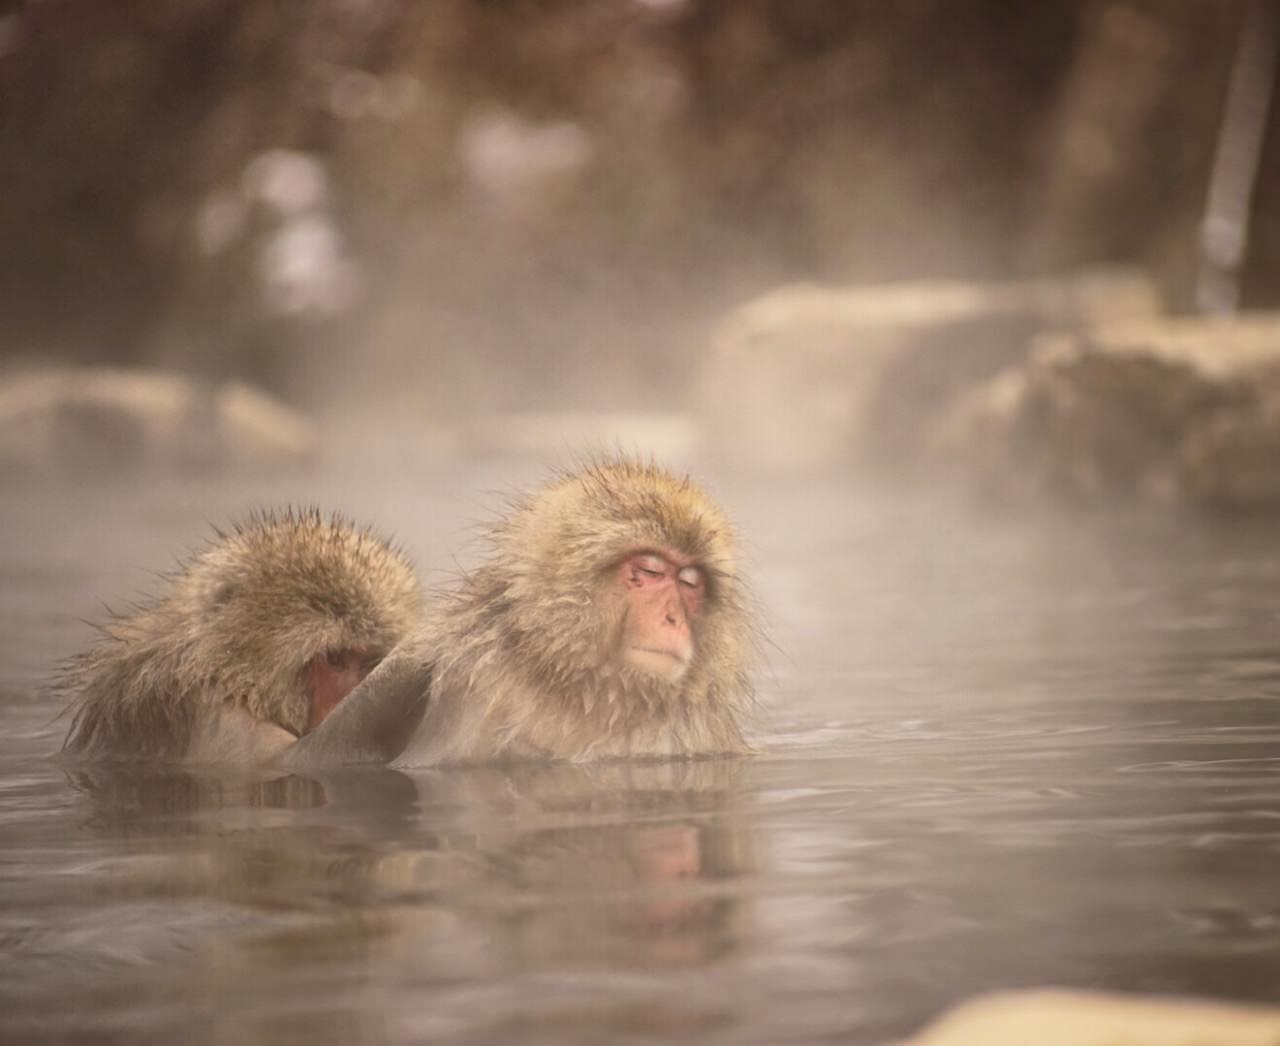 猿猴互相擦背,面上流露出陶醉的表情